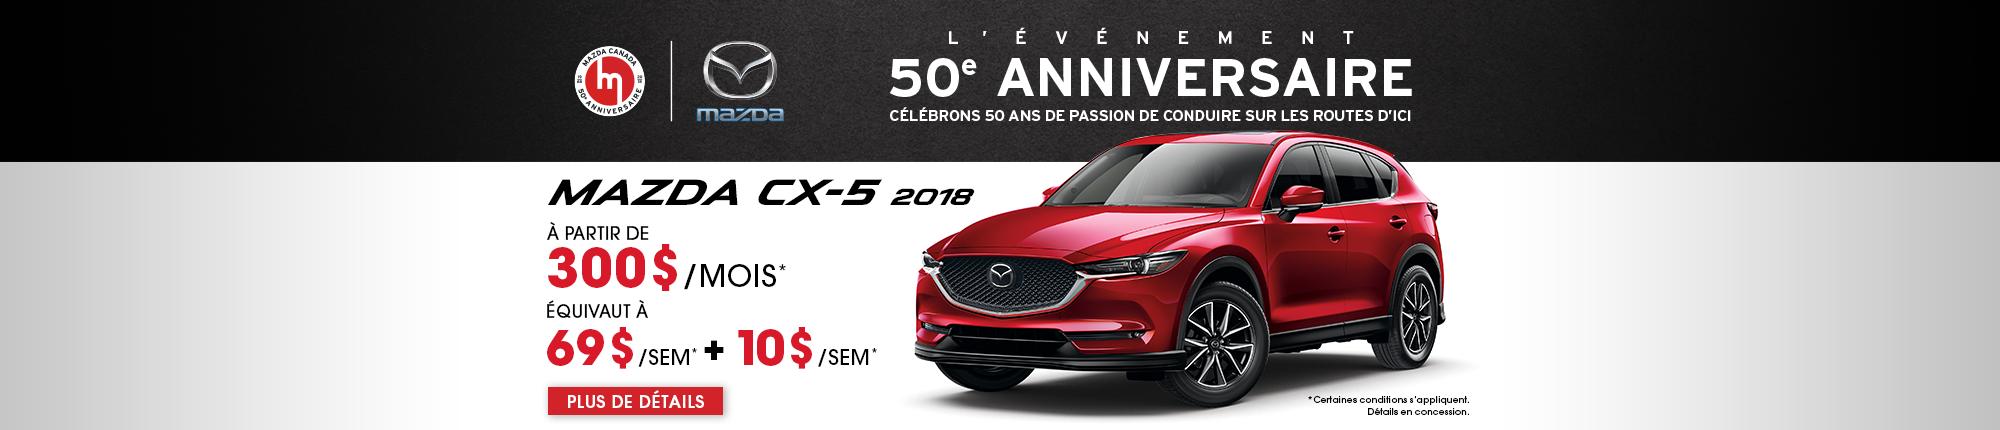 L'événement 50e anniversaire - CX-5